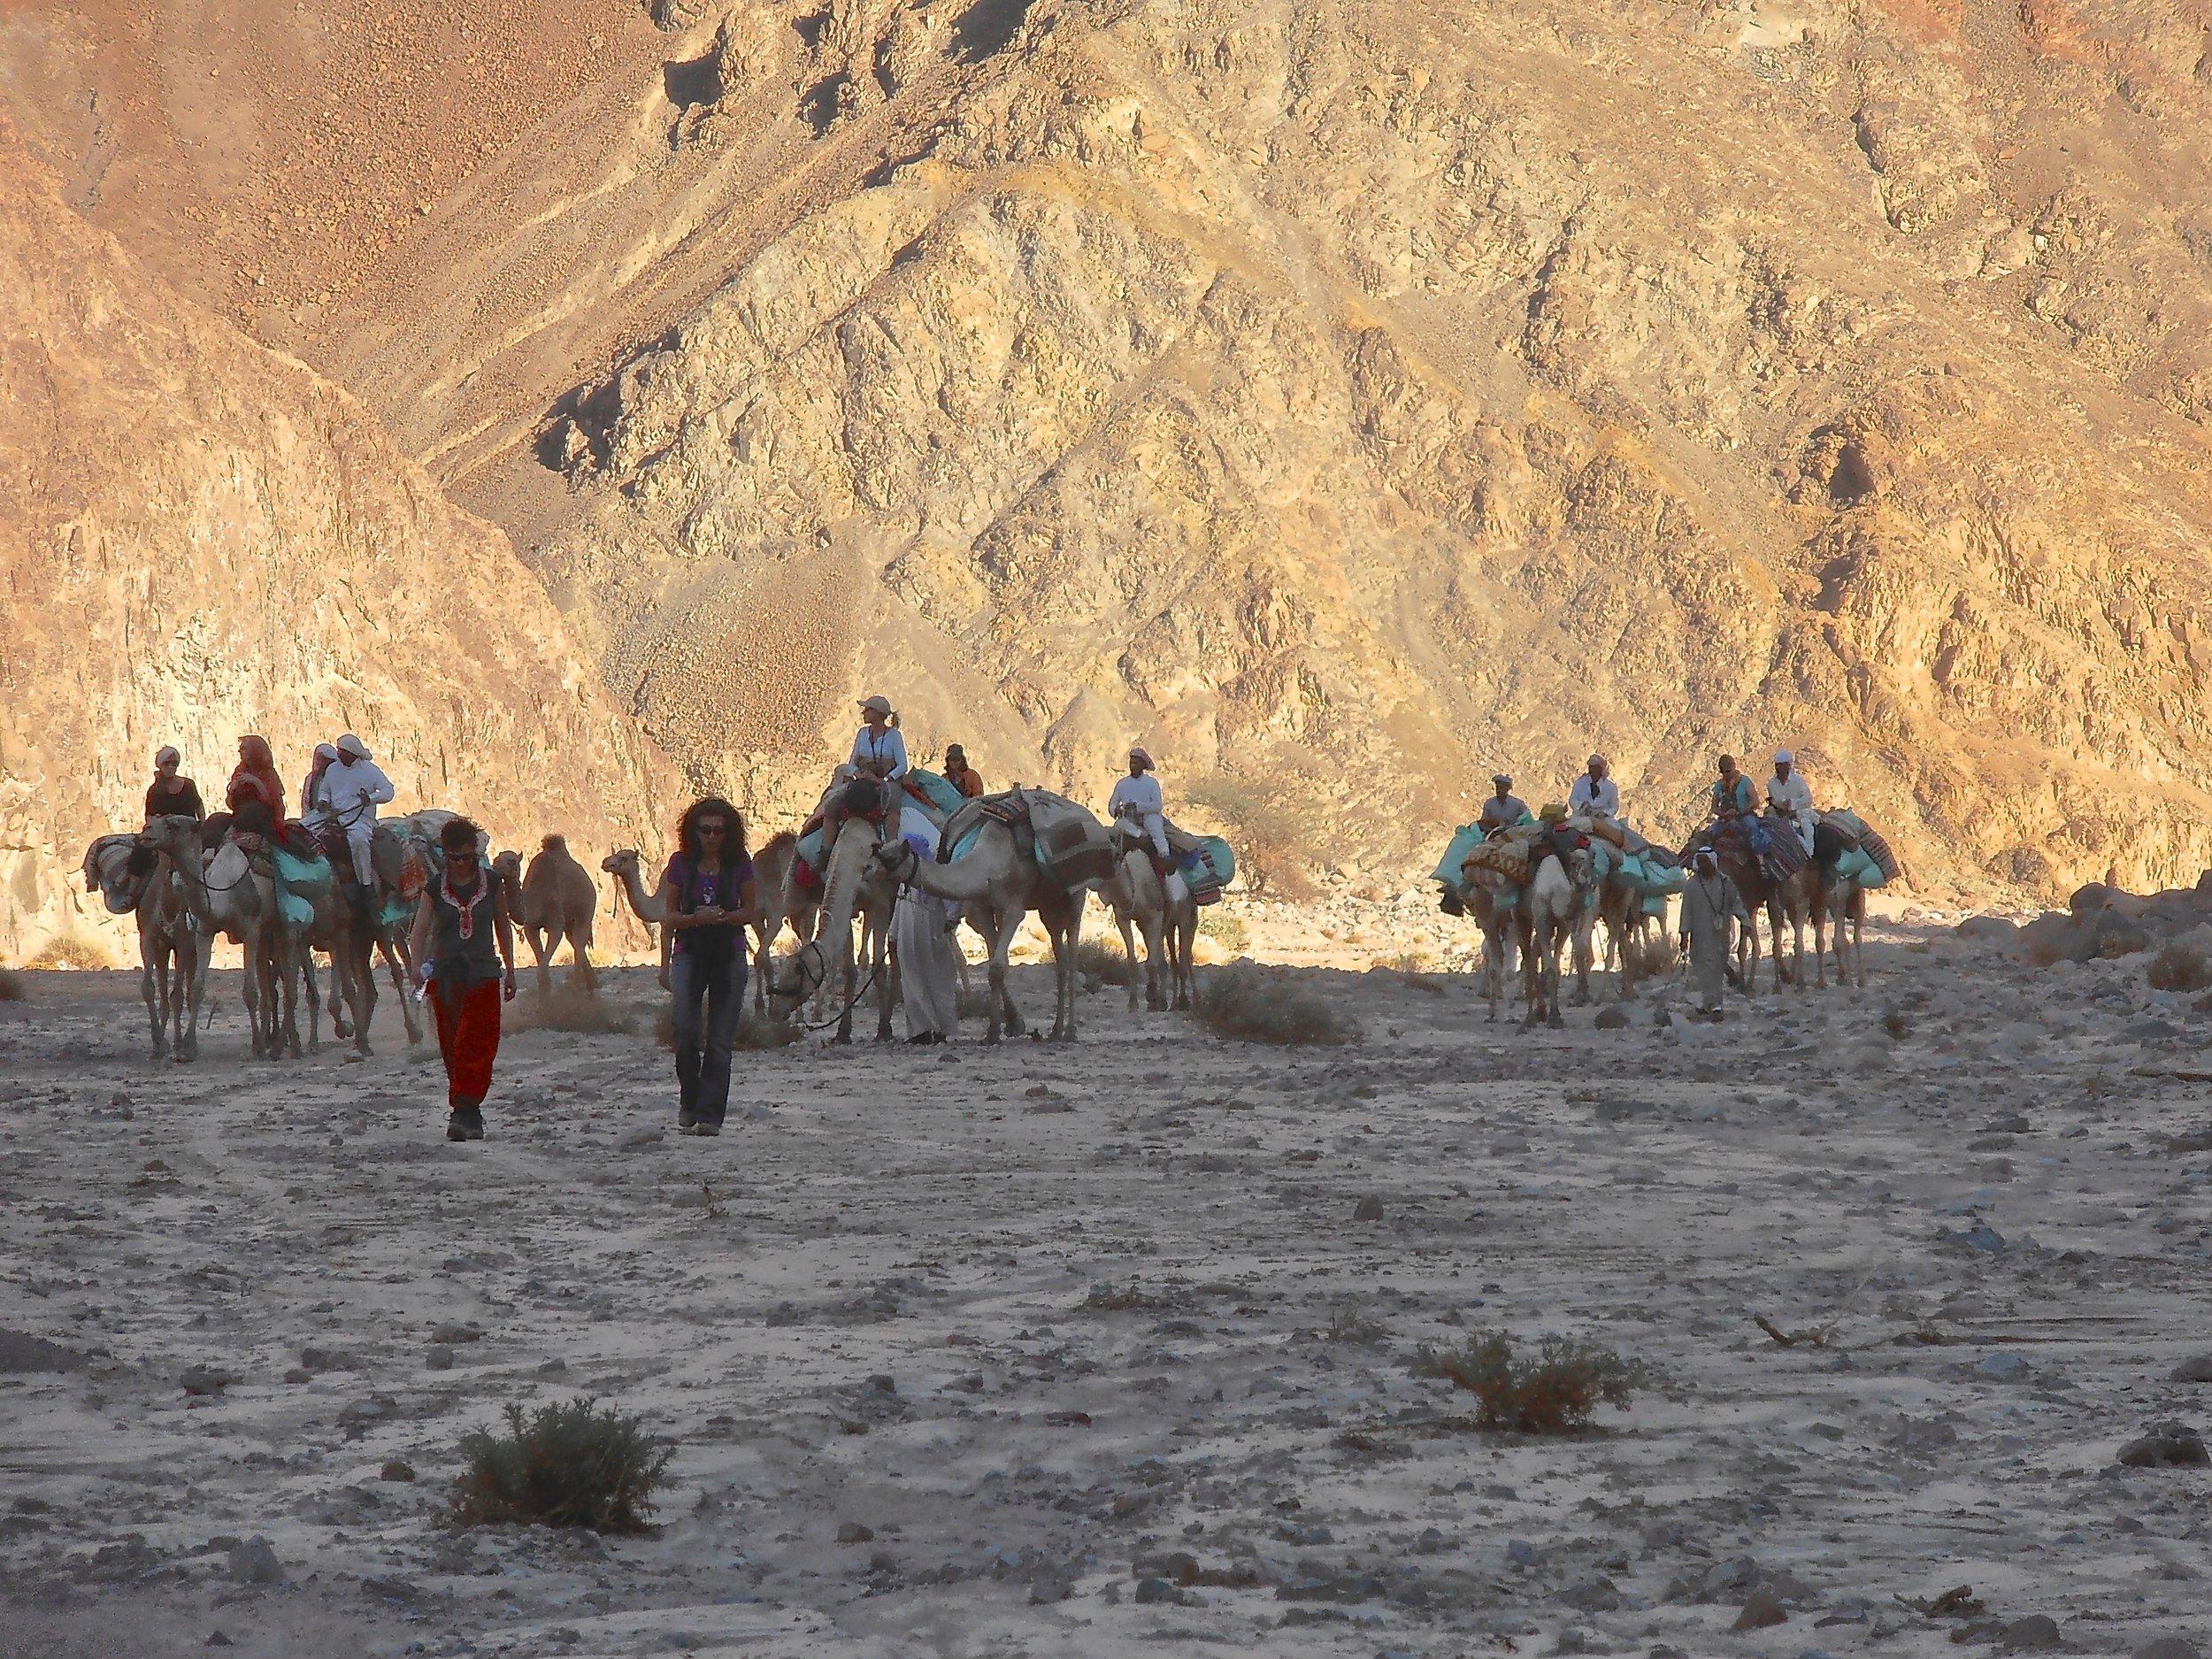 - Stichting Dalèl zet zich in voor het voortbestaan van de bedoeïen en de kameel.